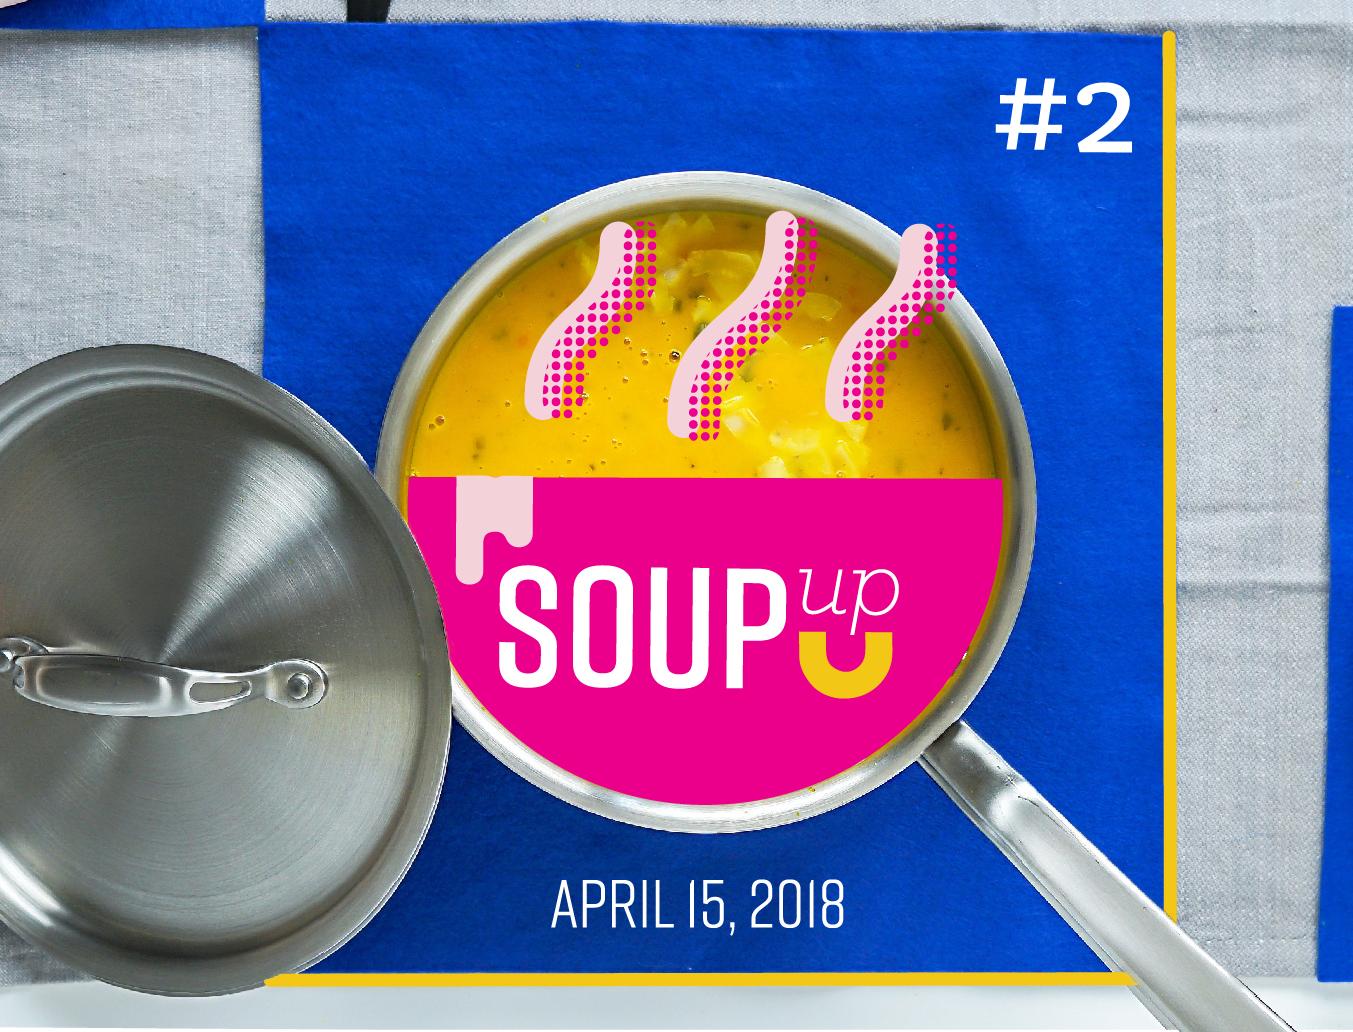 SoupUp_Working_#2-04.jpg